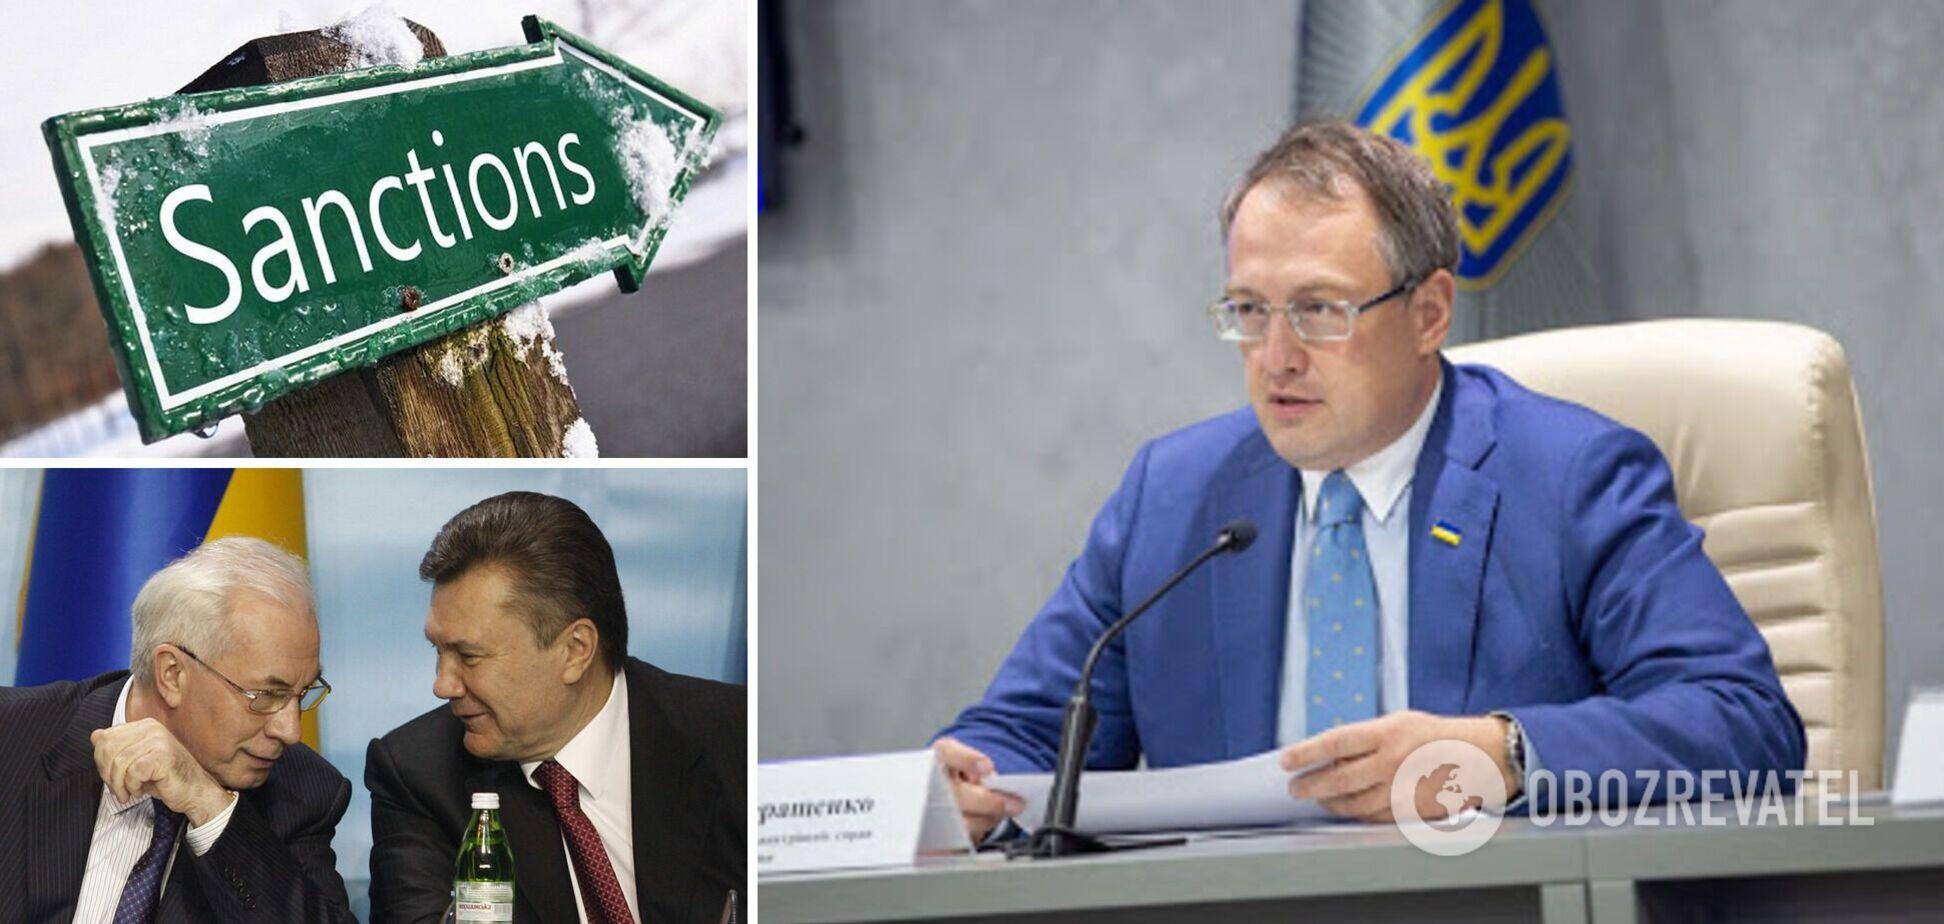 Геращенко про санкції проти Януковича і Ко: це покладе край їхньому бізнесу в Україні